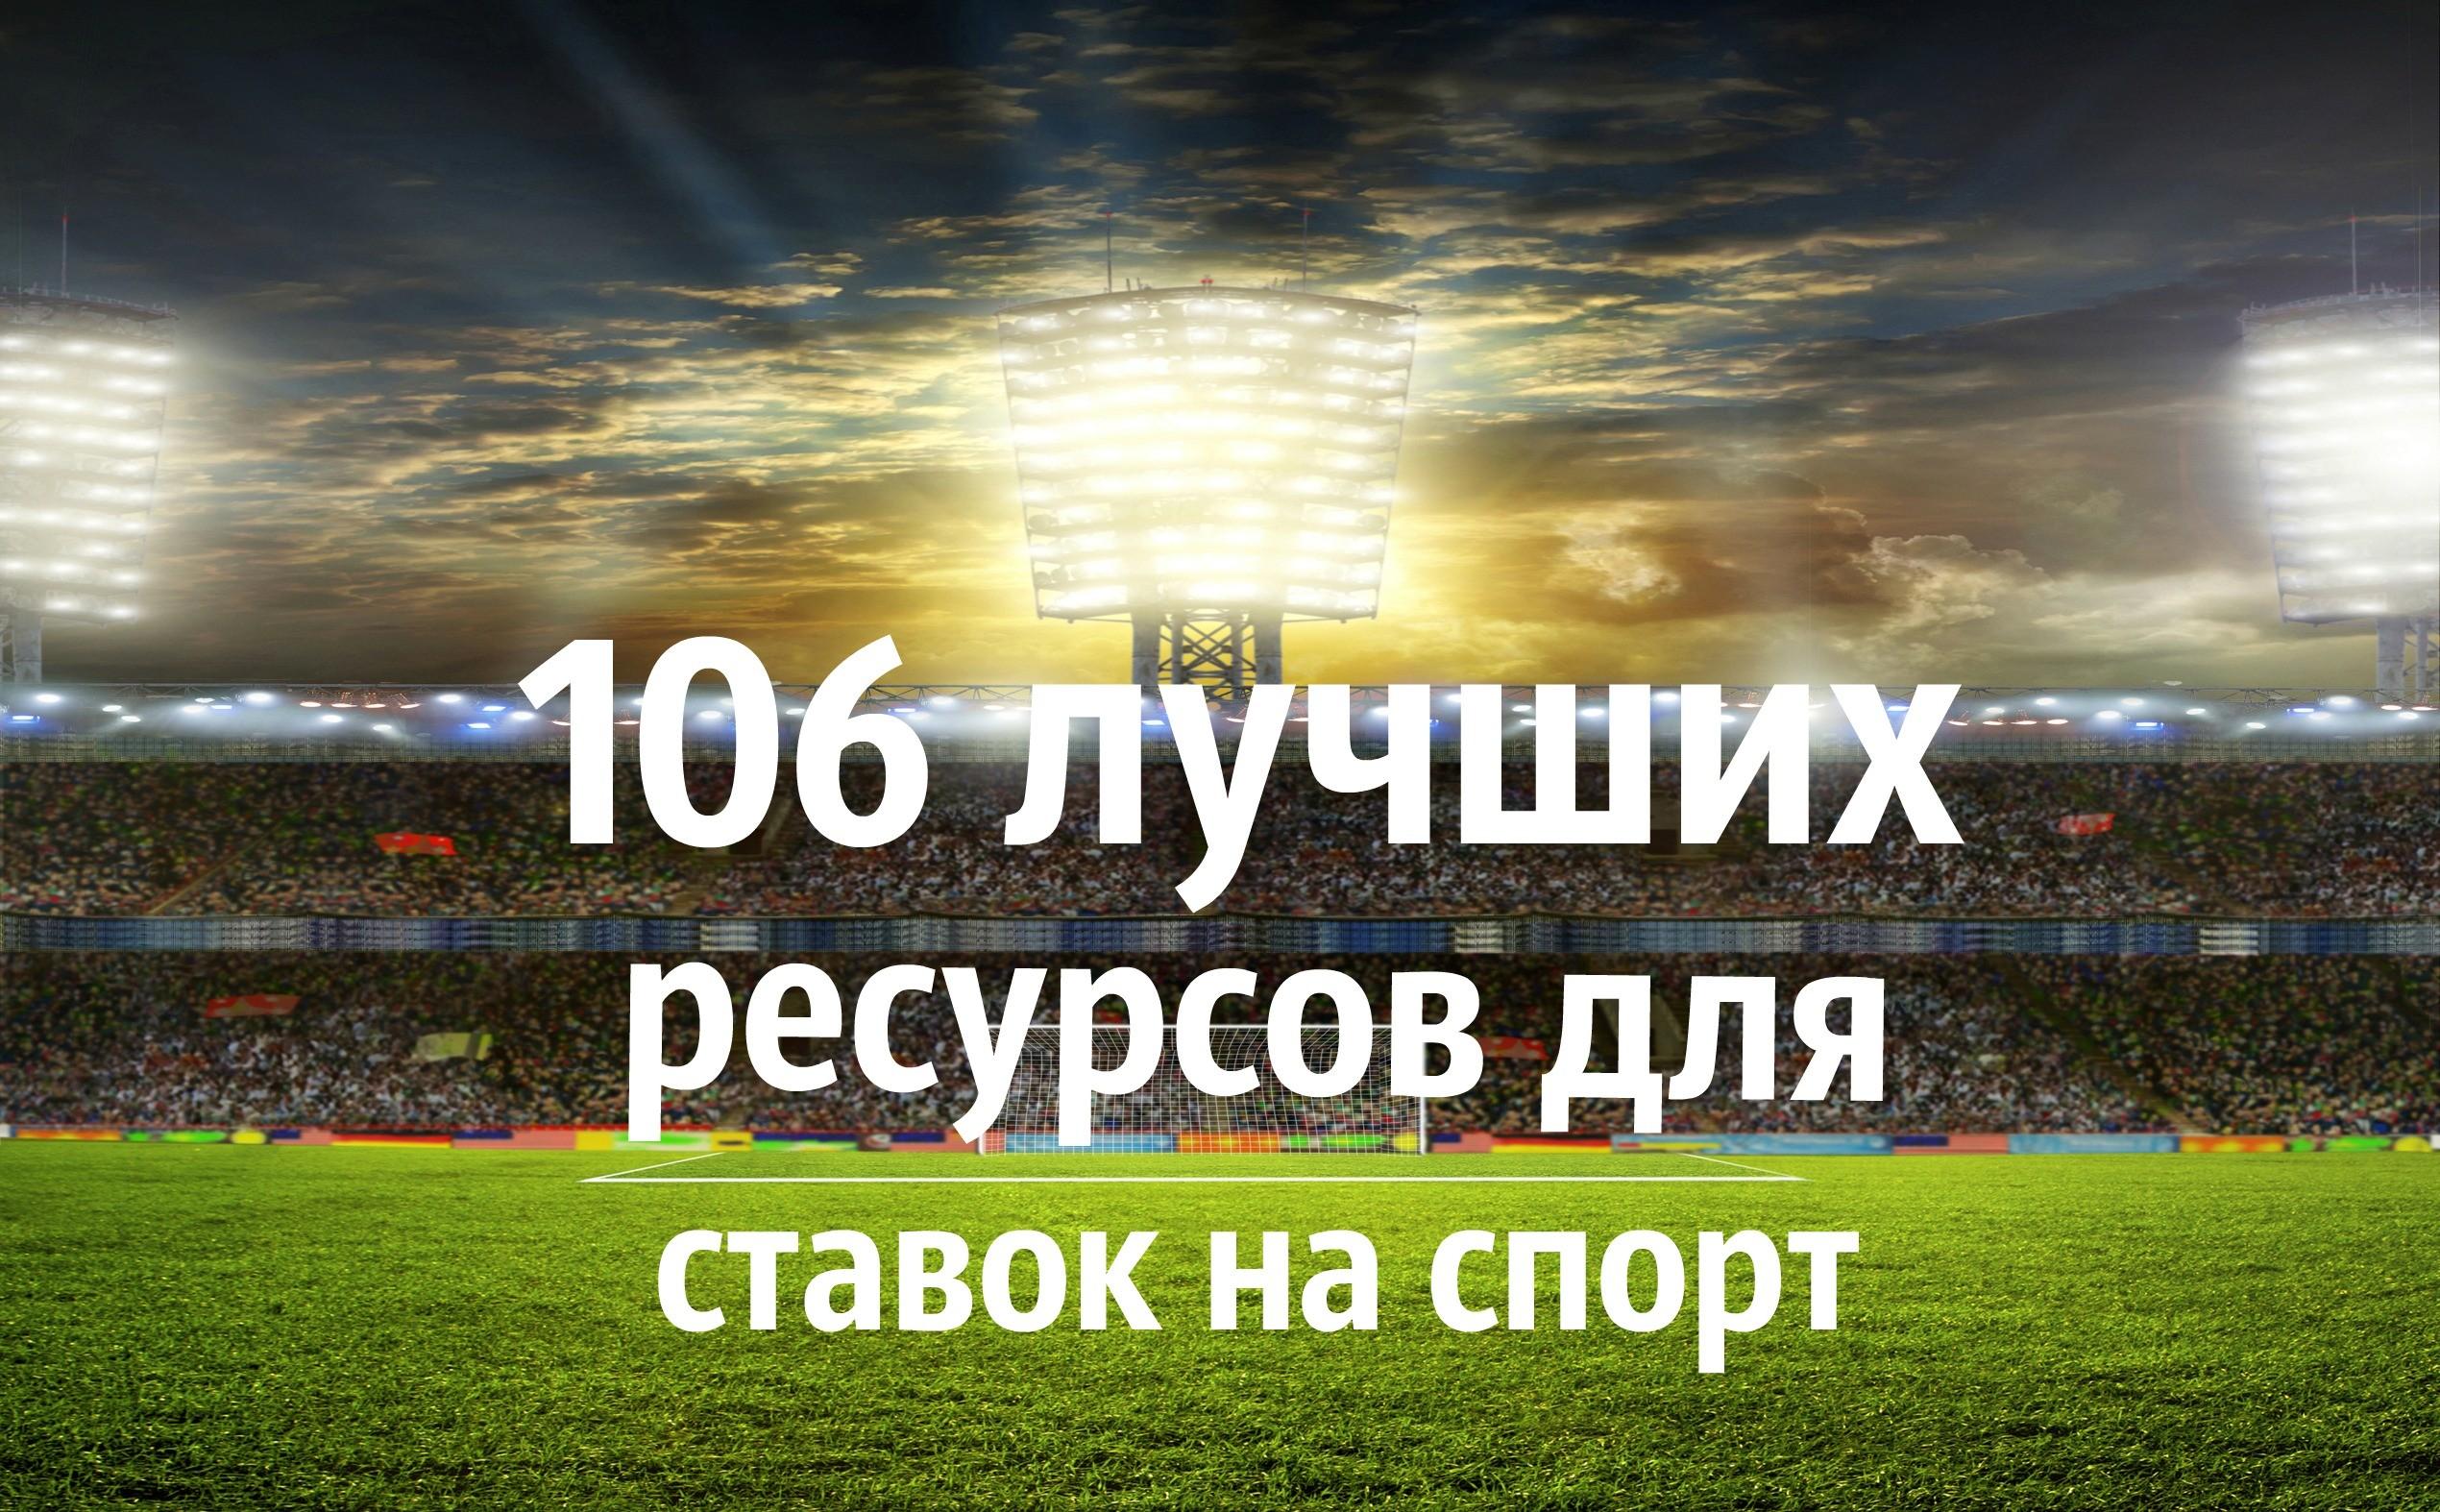 Scanbet. info ставки на футбол